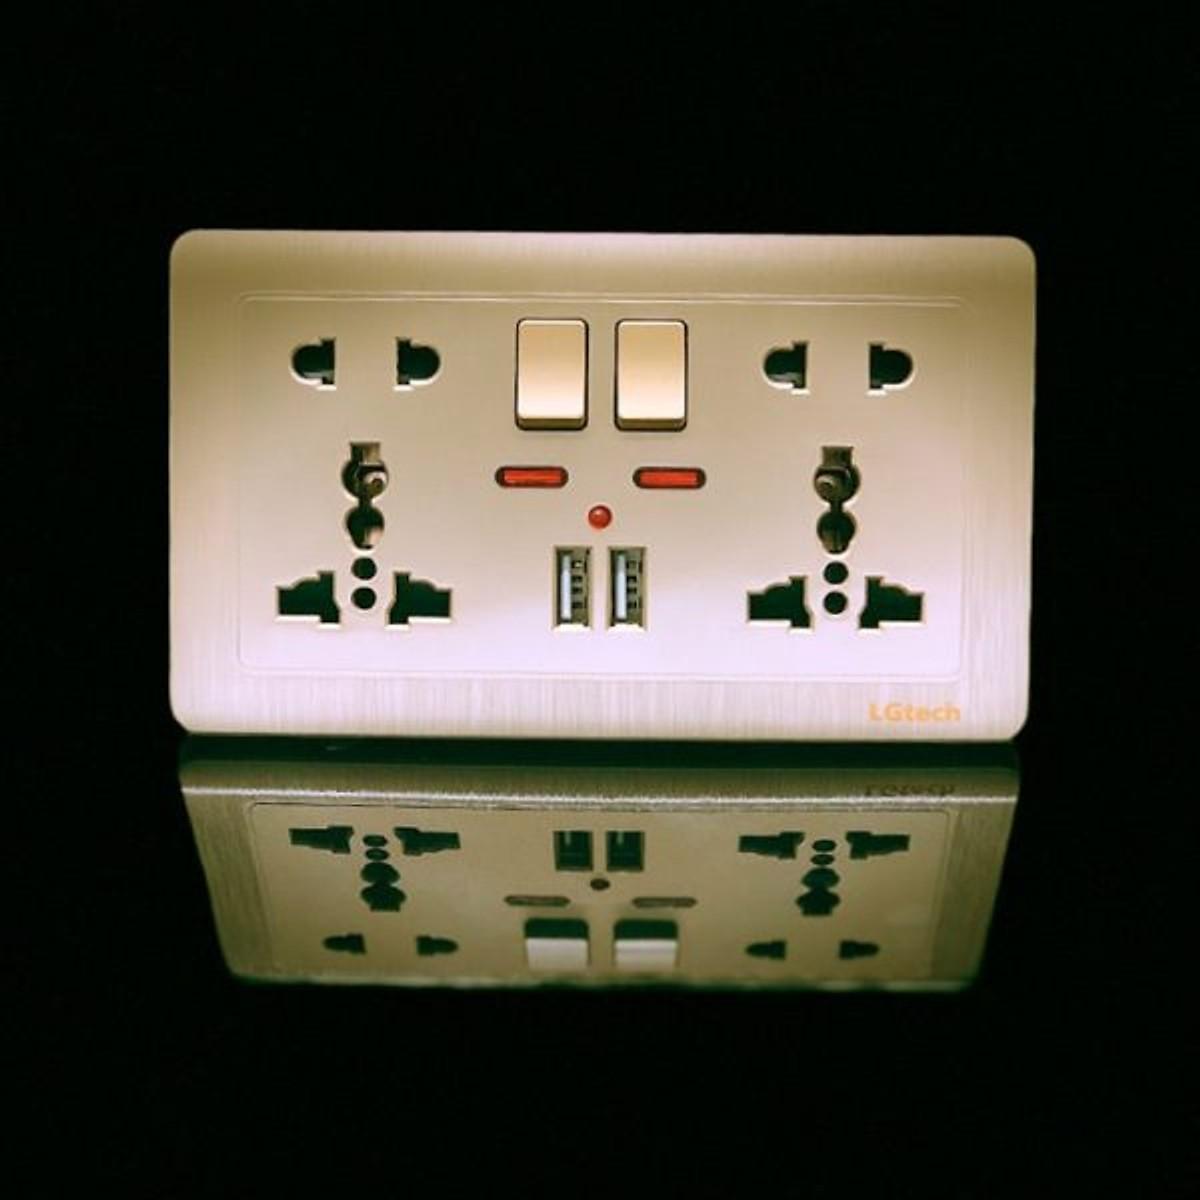 Ổ cắm điện đa năng 2 USB 2 công tắc điện cao cấp kèm đế âm tường | LG-C60-066 - Hàng Chính Hãng